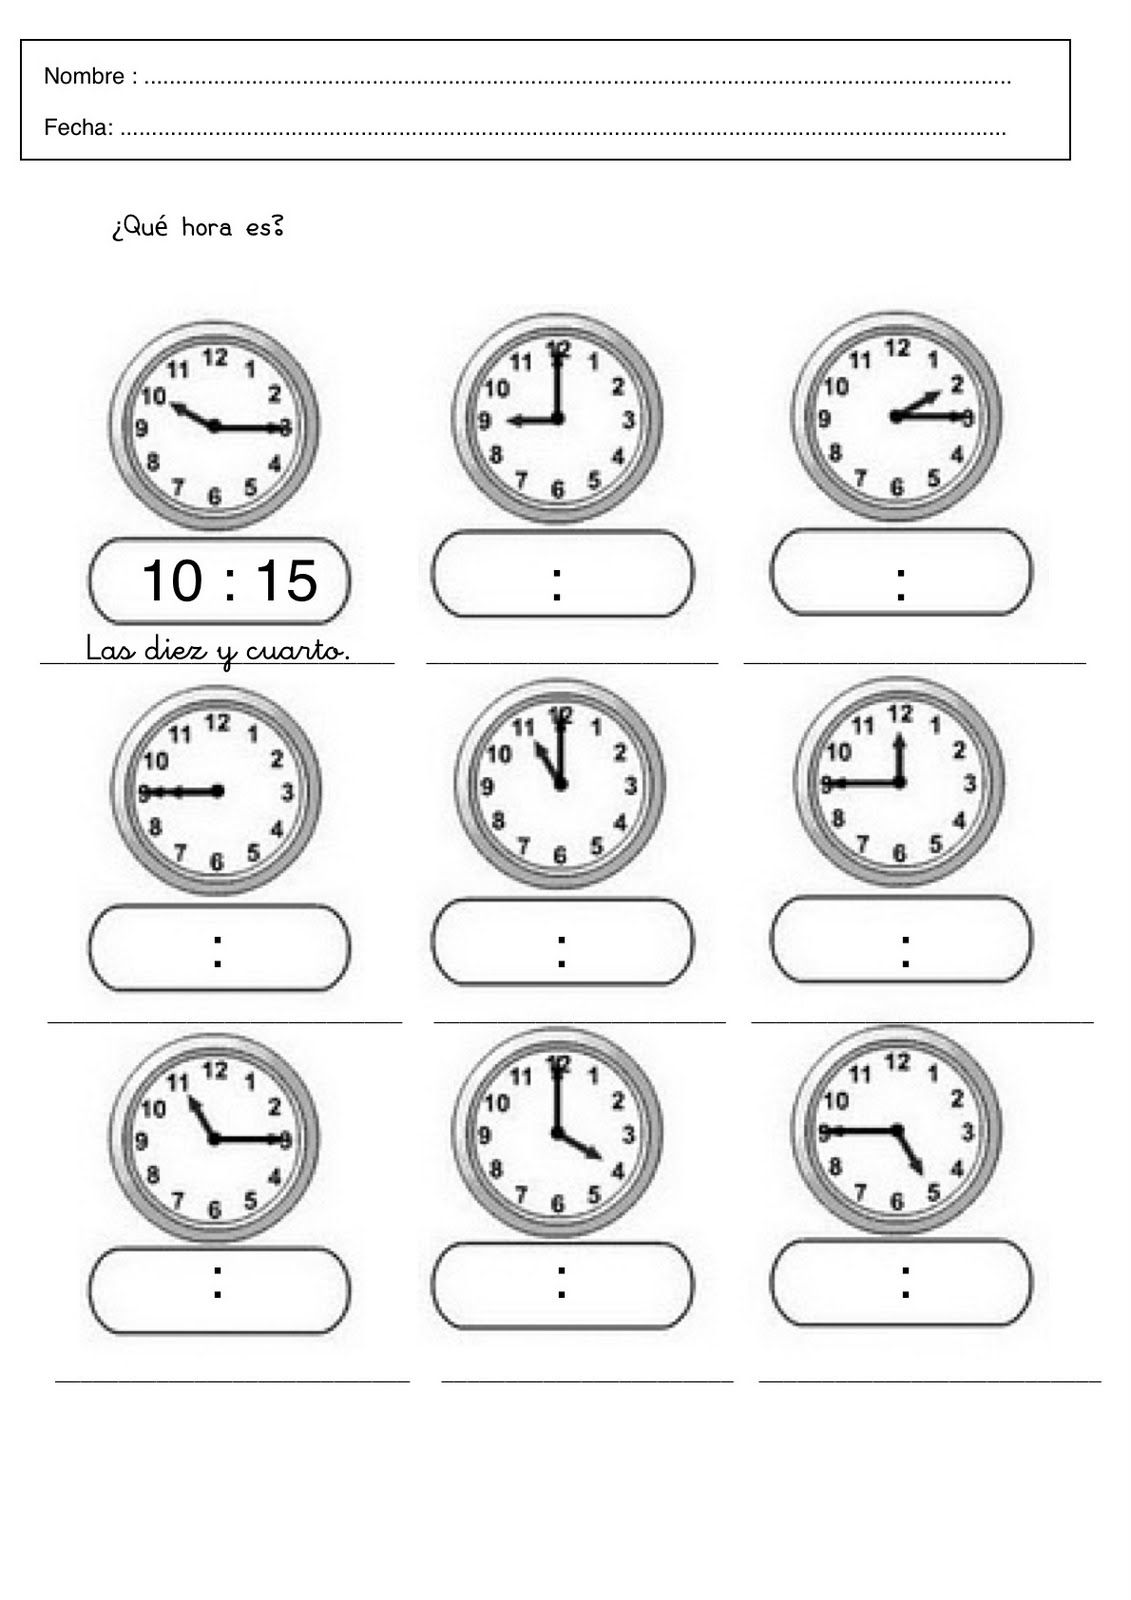 Fichas Infantiles De Trabajar Las Horas Gratis Descargar Fichas Y Laminas De Aprender L Fichas De Matematicas Matematicas Tercero De Primaria Aprender La Hora